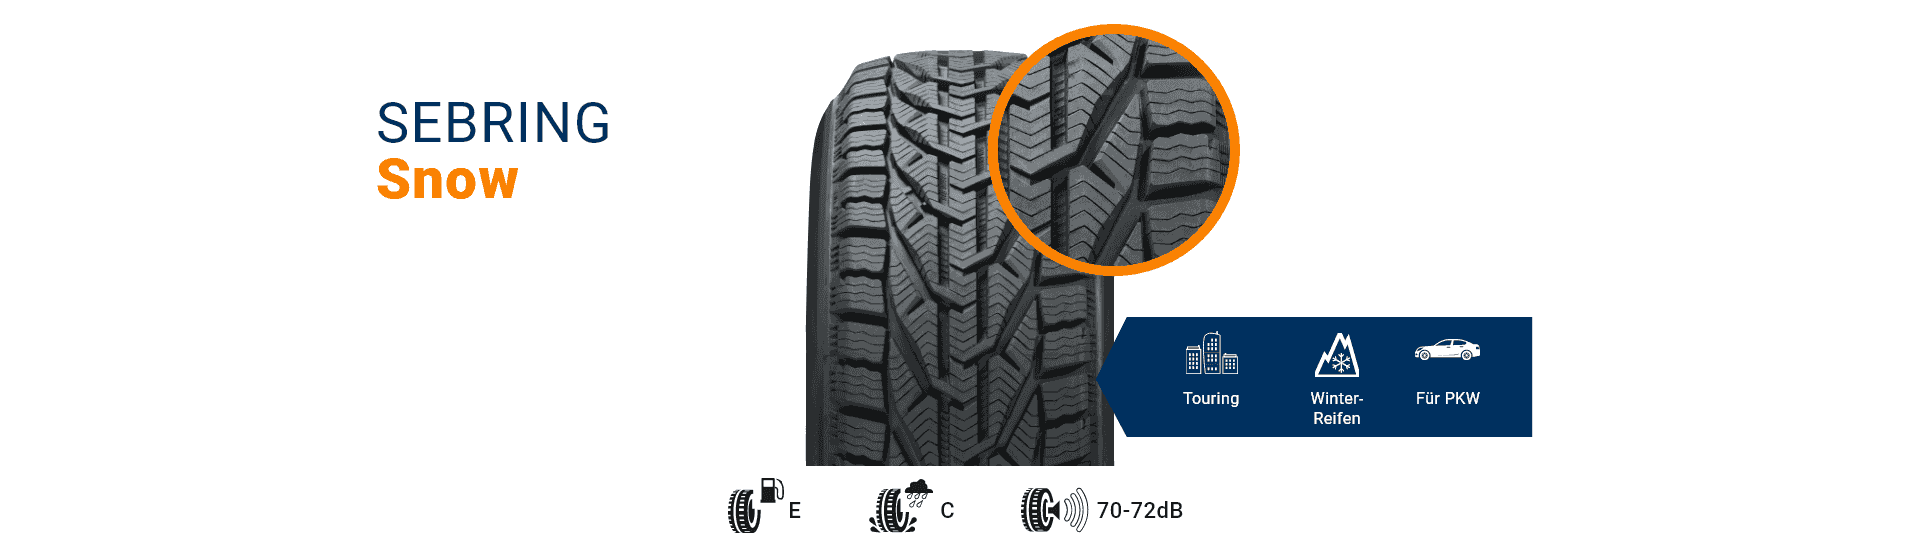 Winterreifen Snow von SEBRING-Tires